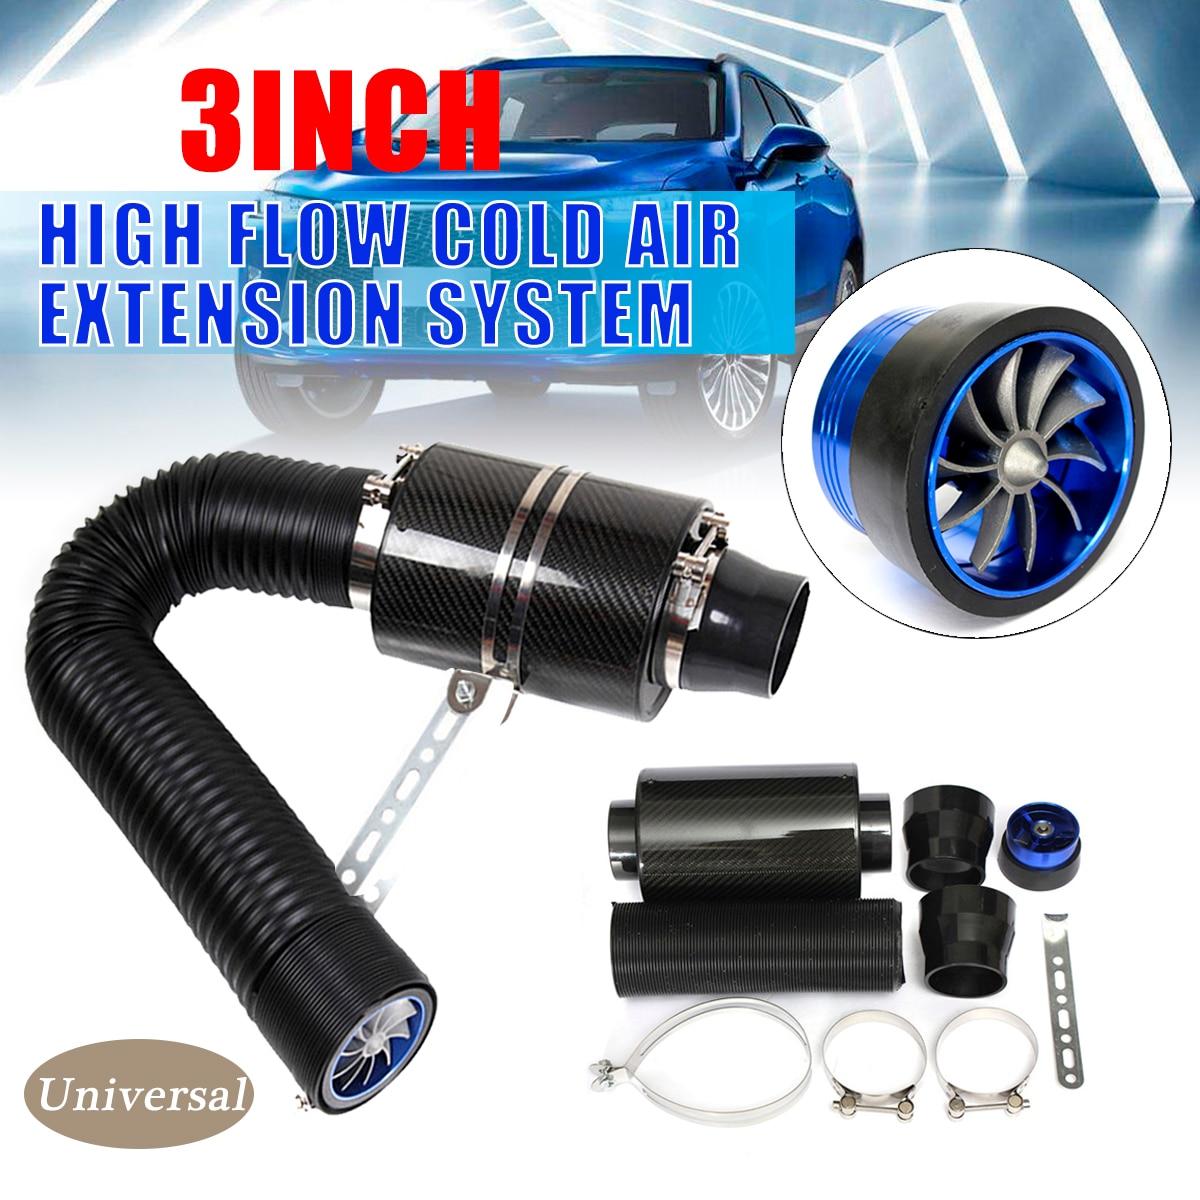 3 universal universal carro sistema de entrada de ar frio com ventilador de corrida de fibra de carbono alimentação fria indução kit filtro de entrada de ar ram caixa de filtro